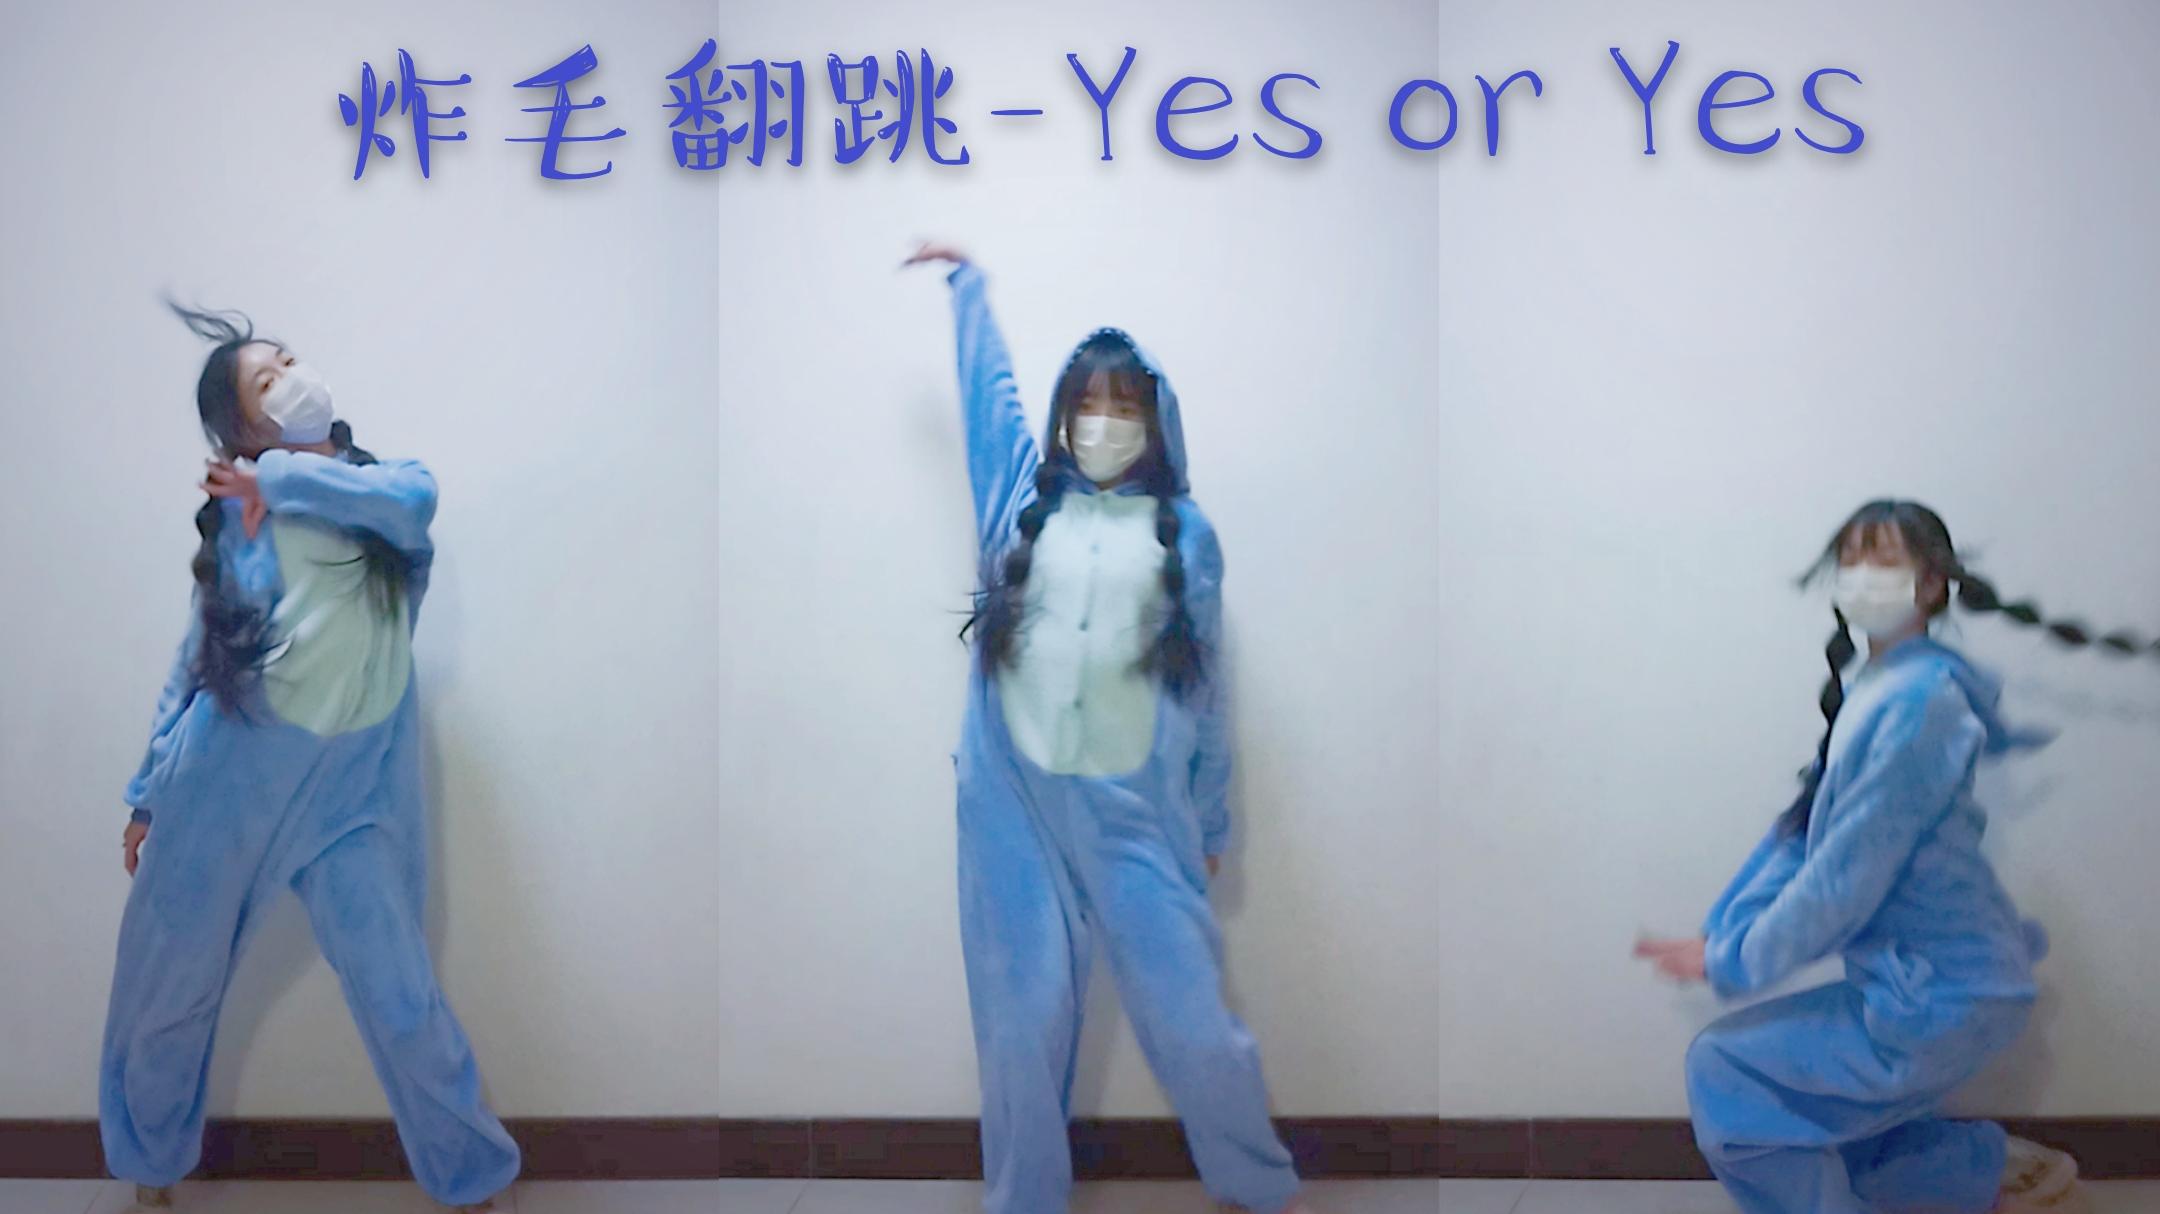 【夕颜】又疯一个!炸毛翻跳Yes or Yes